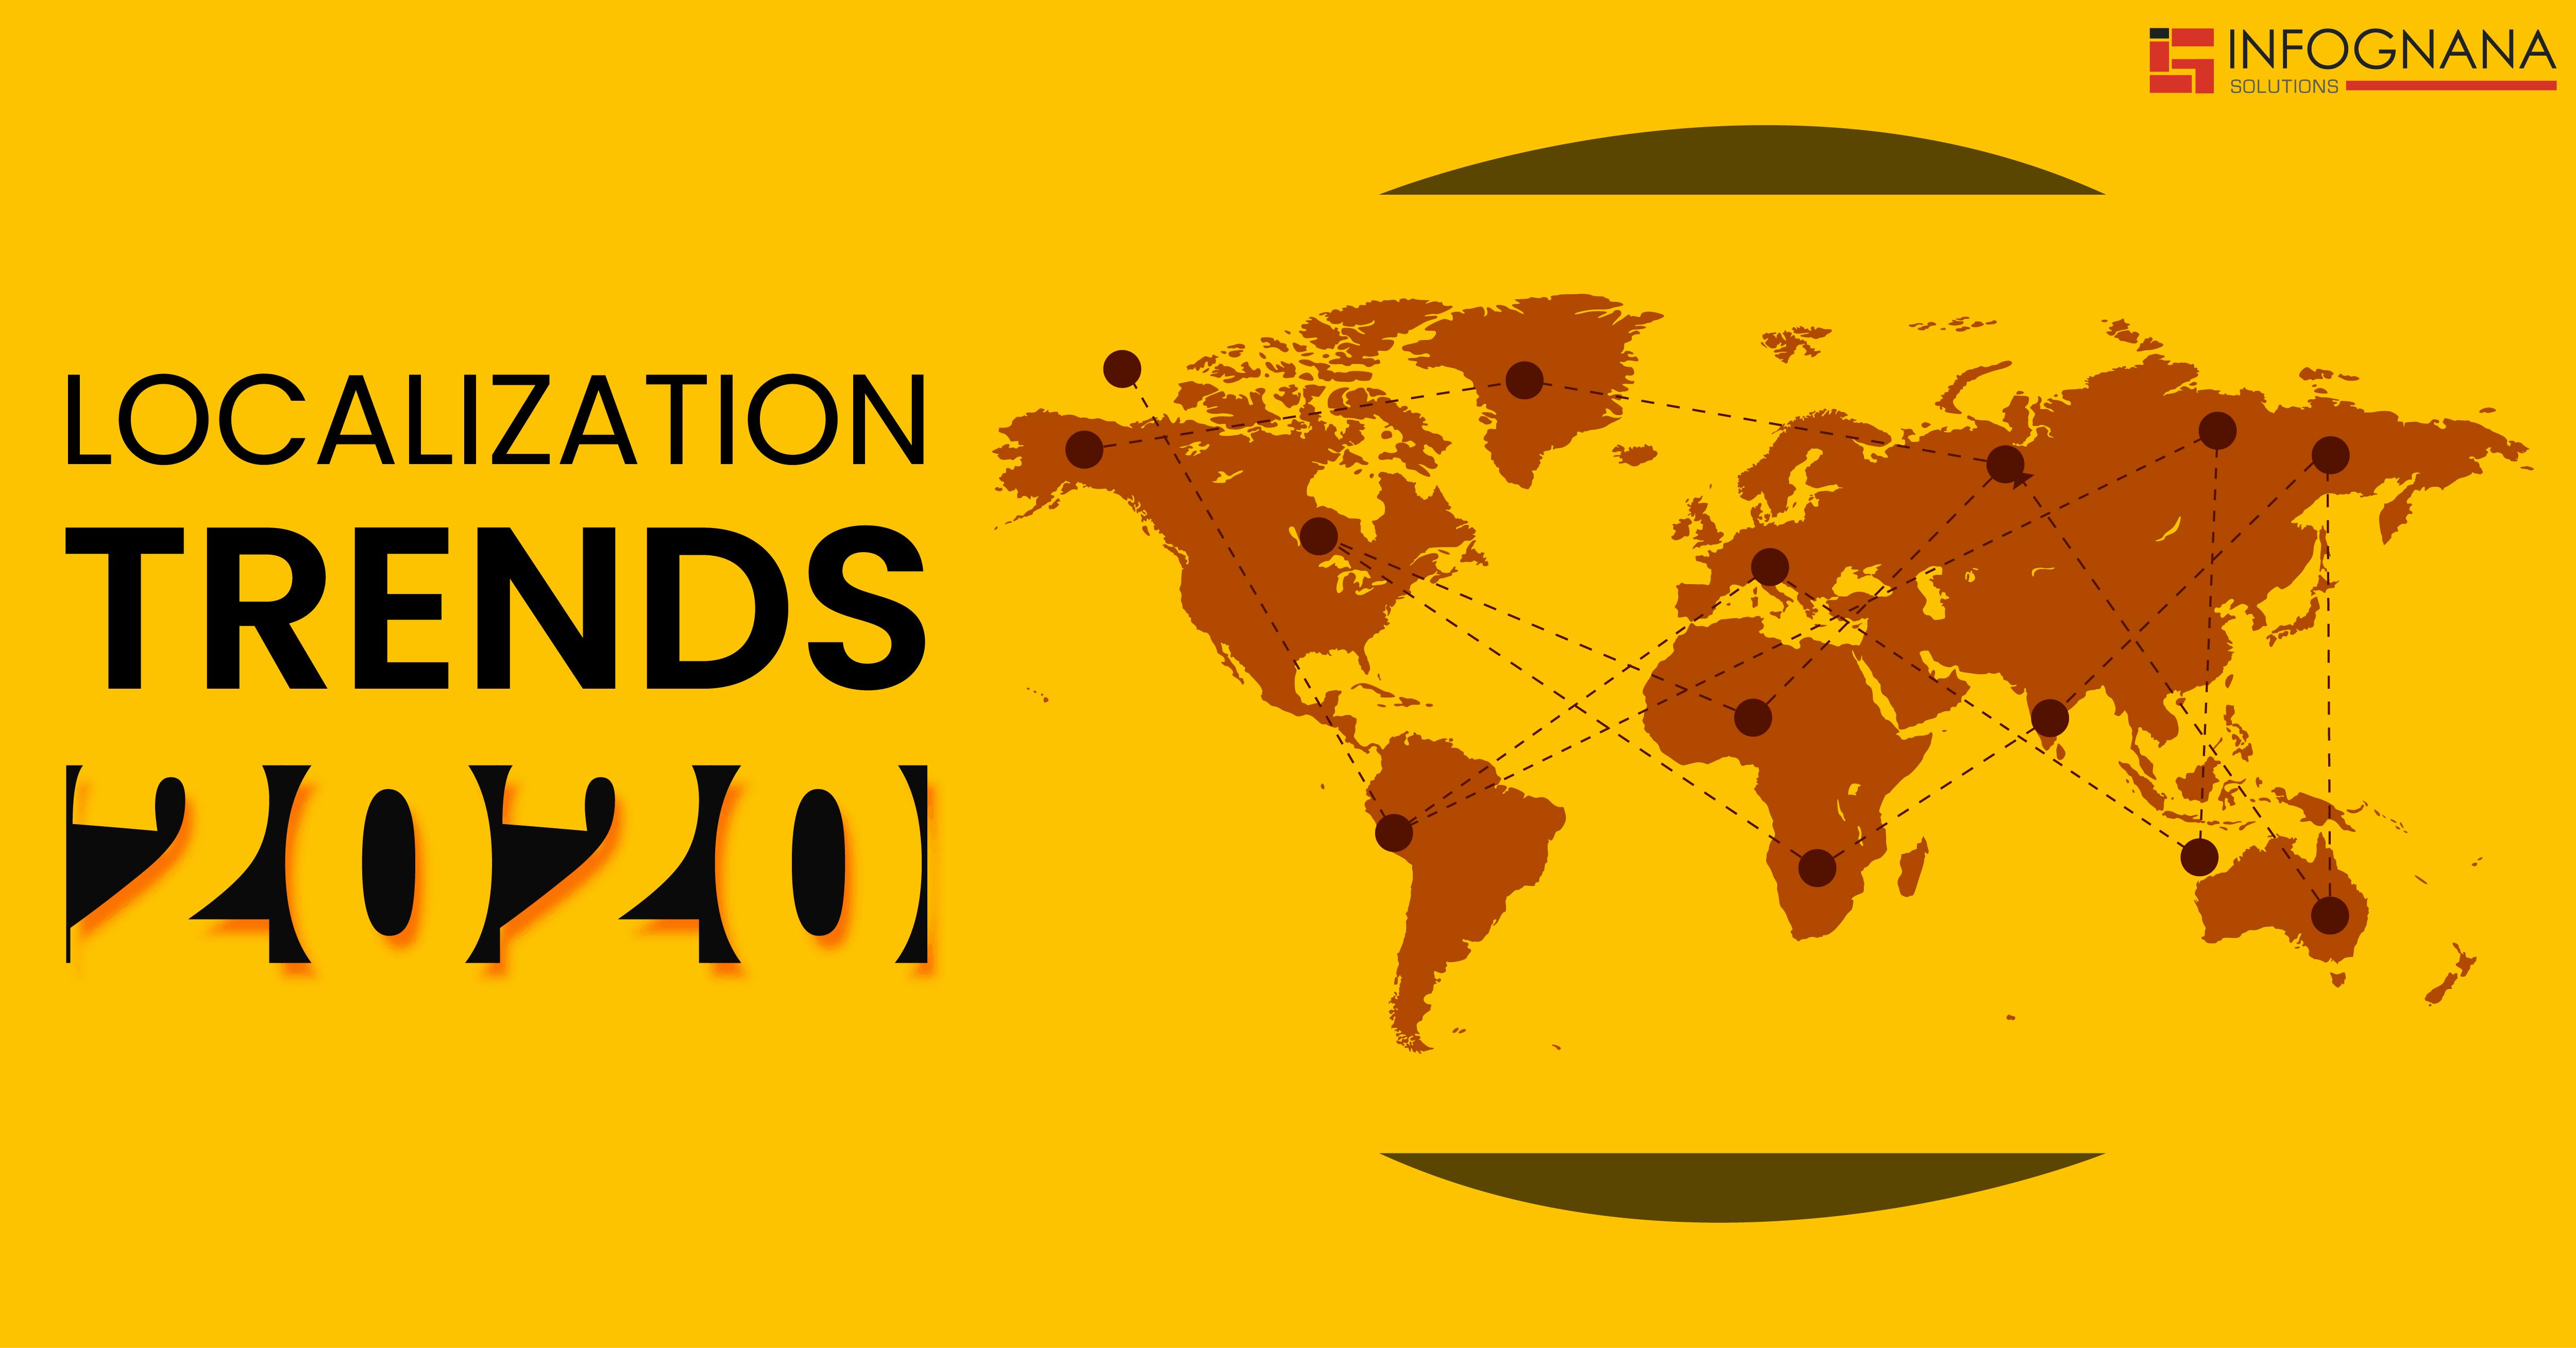 Localization Trends 2020